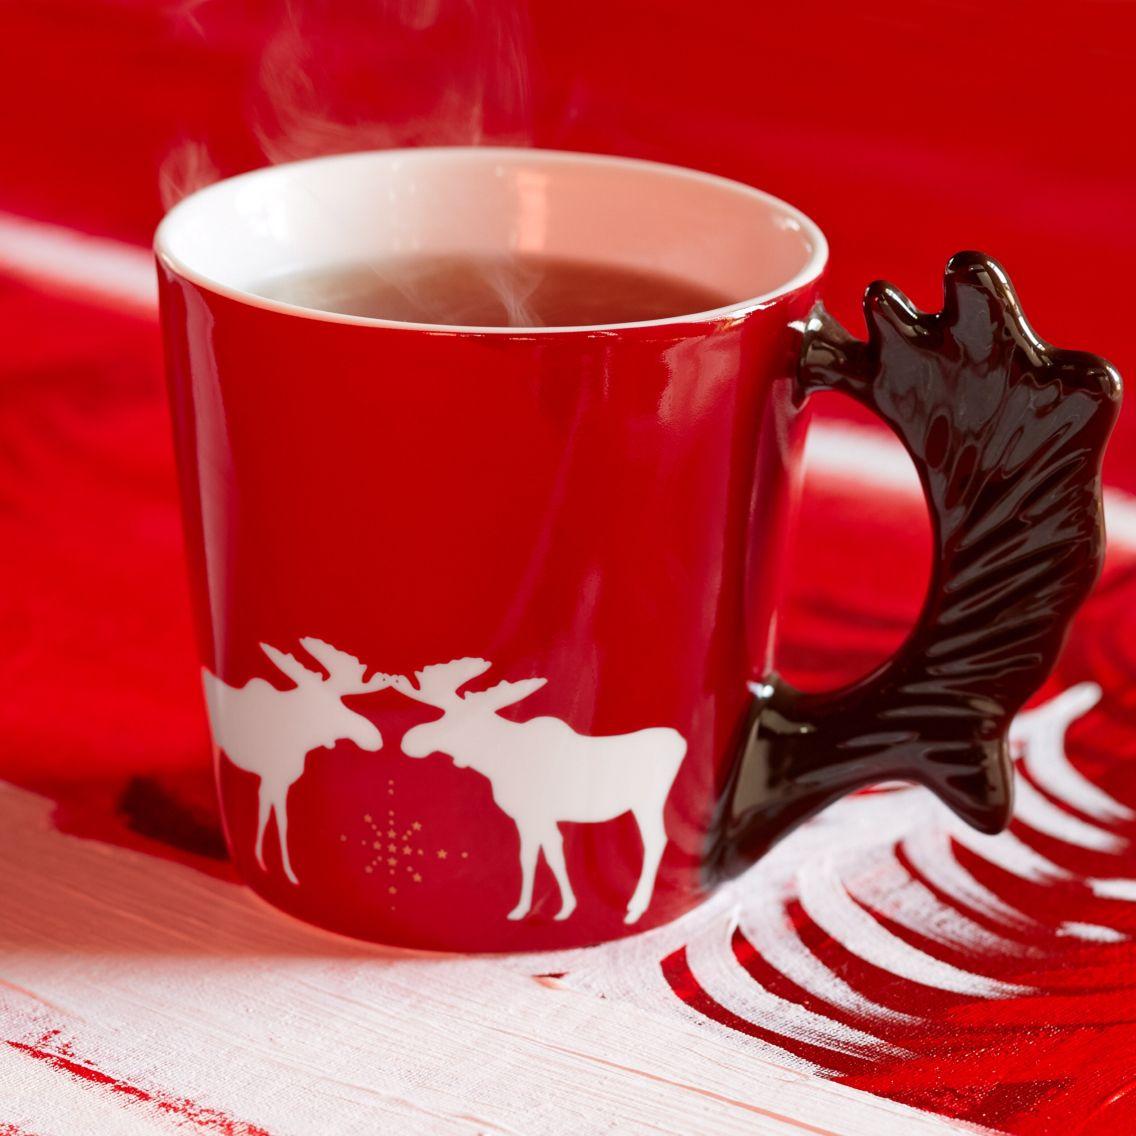 D Mug Is Moose Have My Coffee